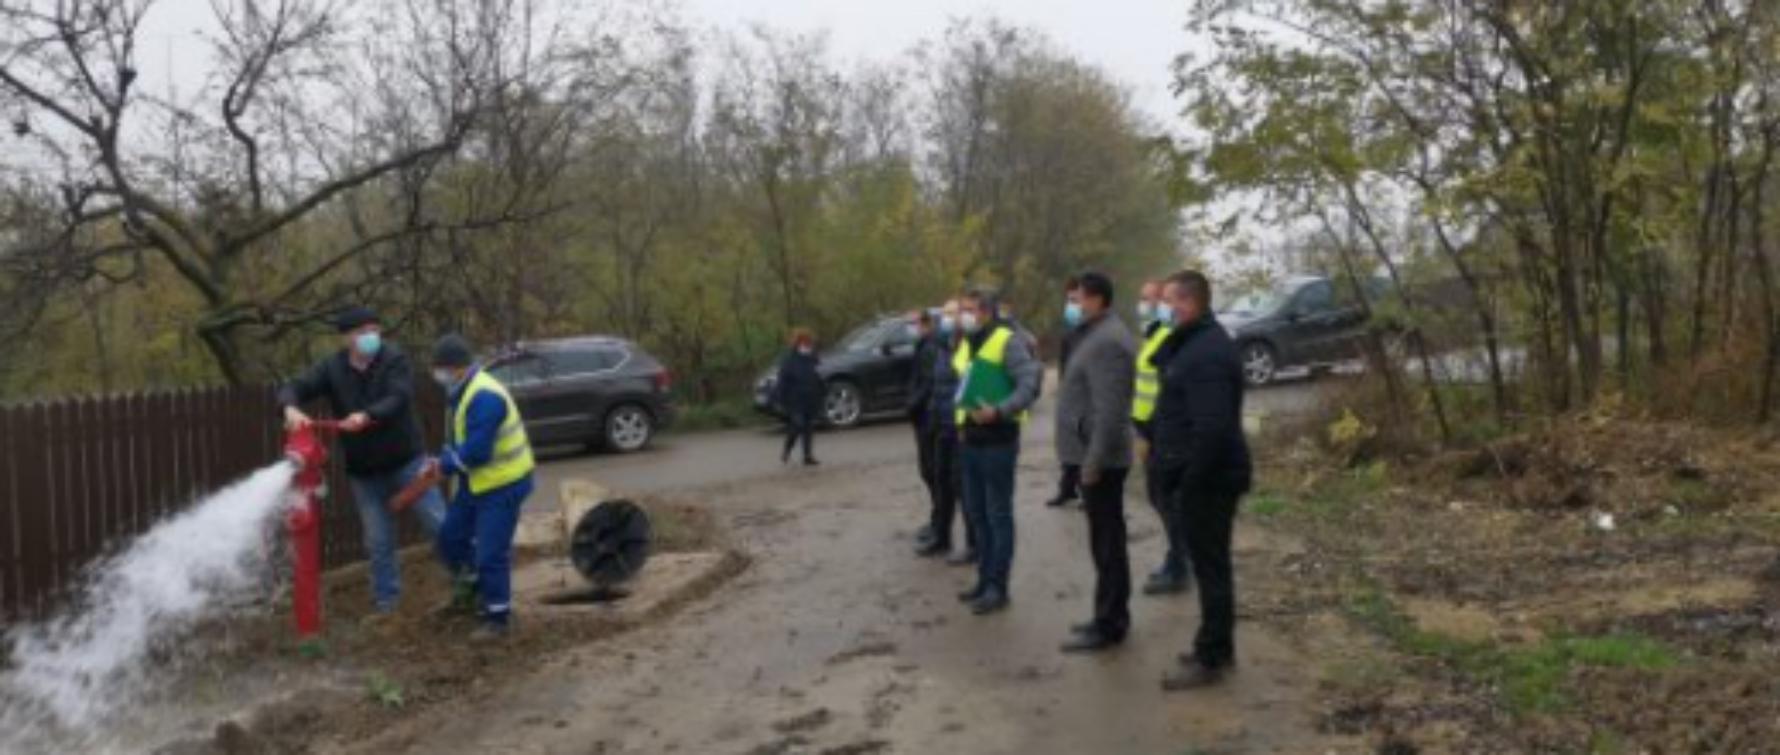 Investiție mult așteptată la Românești: Primăria a făcut recepția celei mai mari extinderi a rețelei de apă